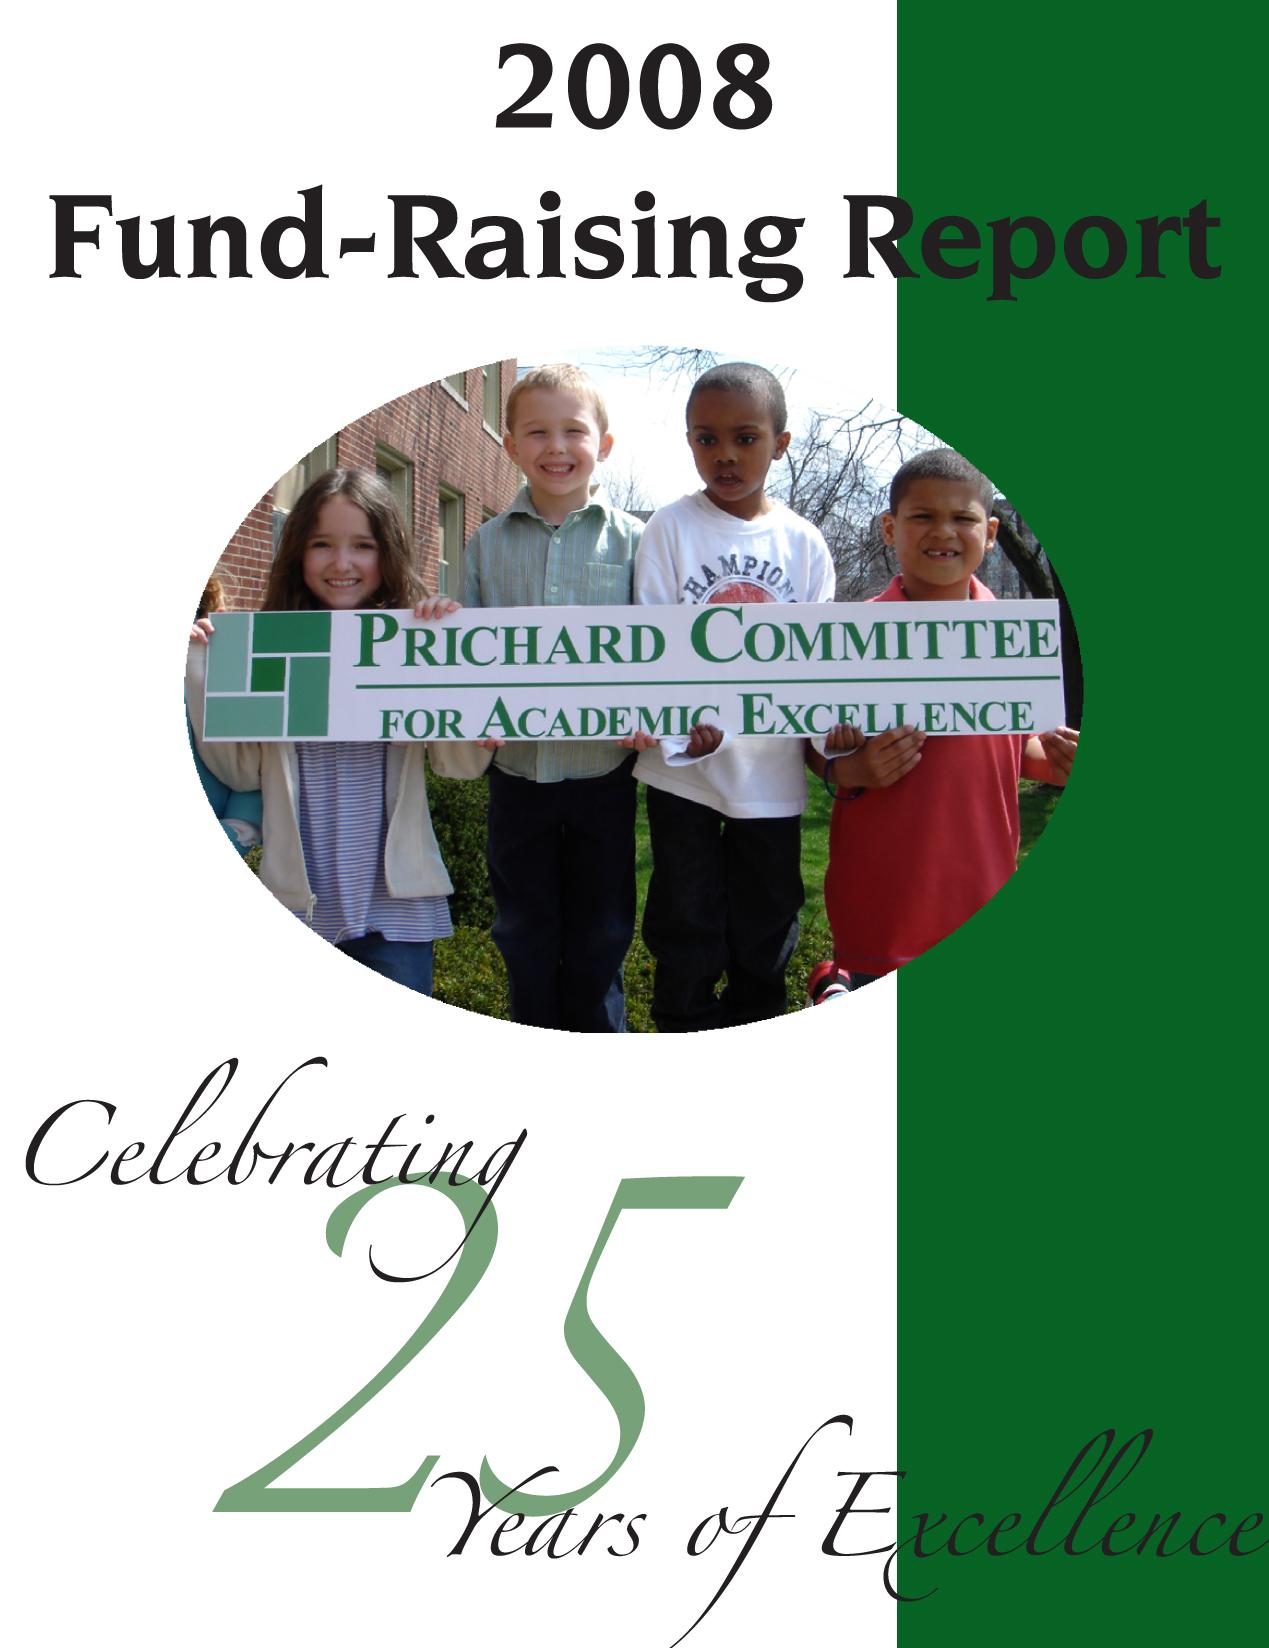 2008_Fundraising_Report-1